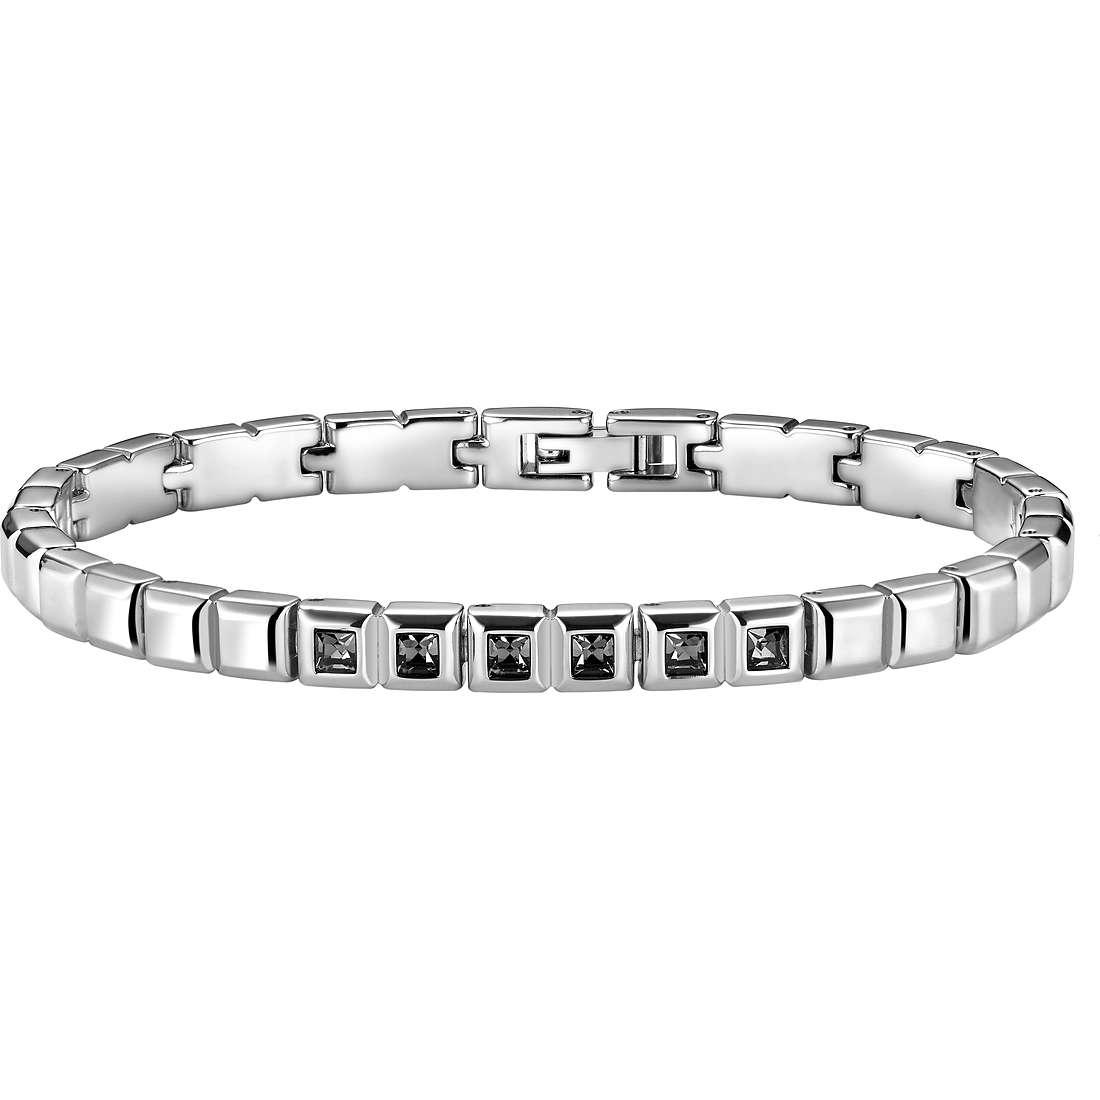 bracelet woman jewellery Breil Step Stone TJ1583